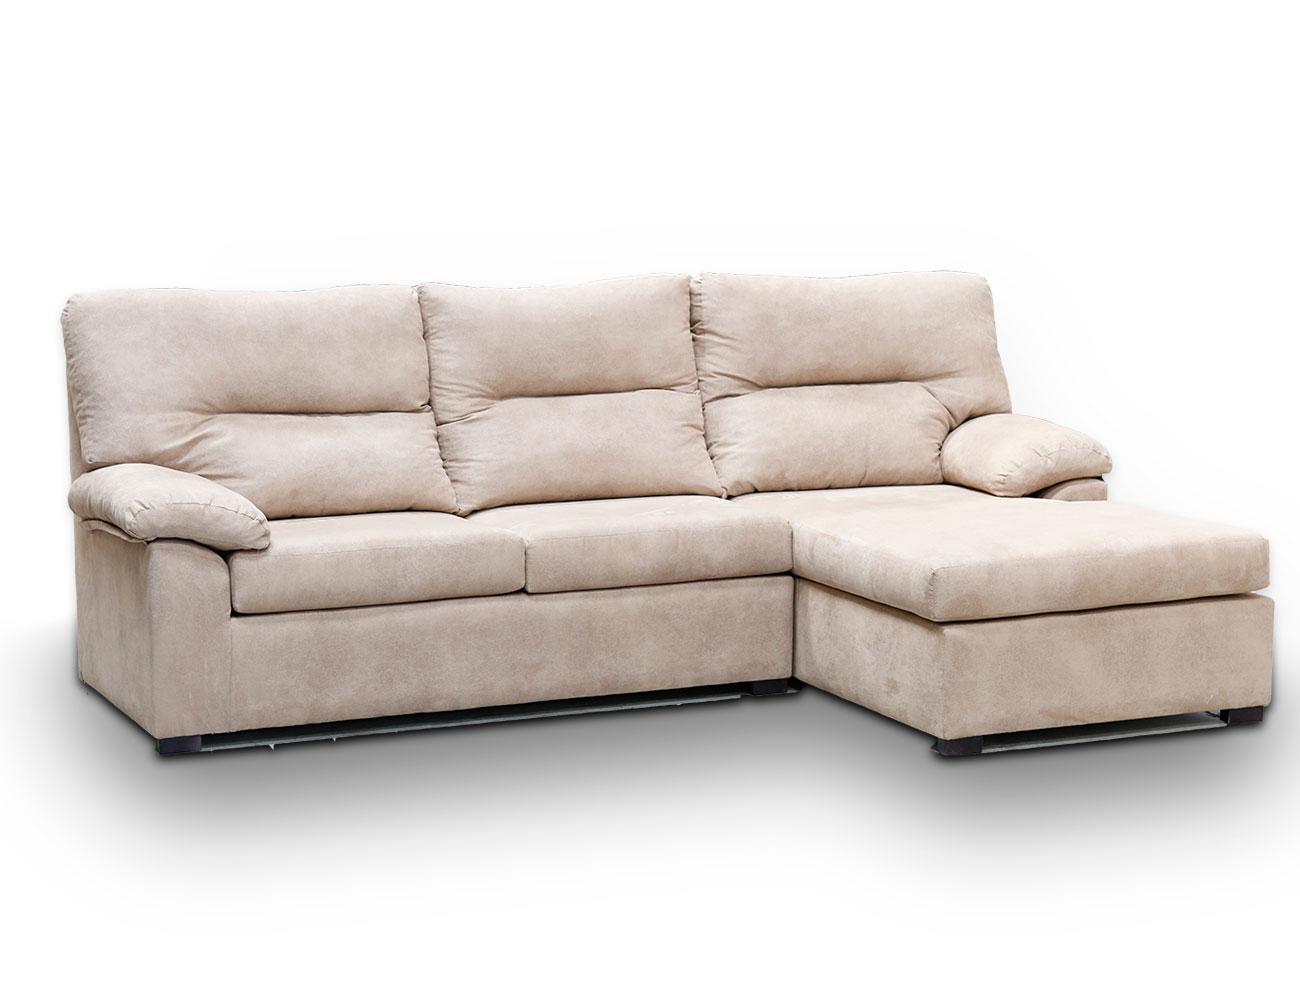 Sofa chaiselongue reversible barato